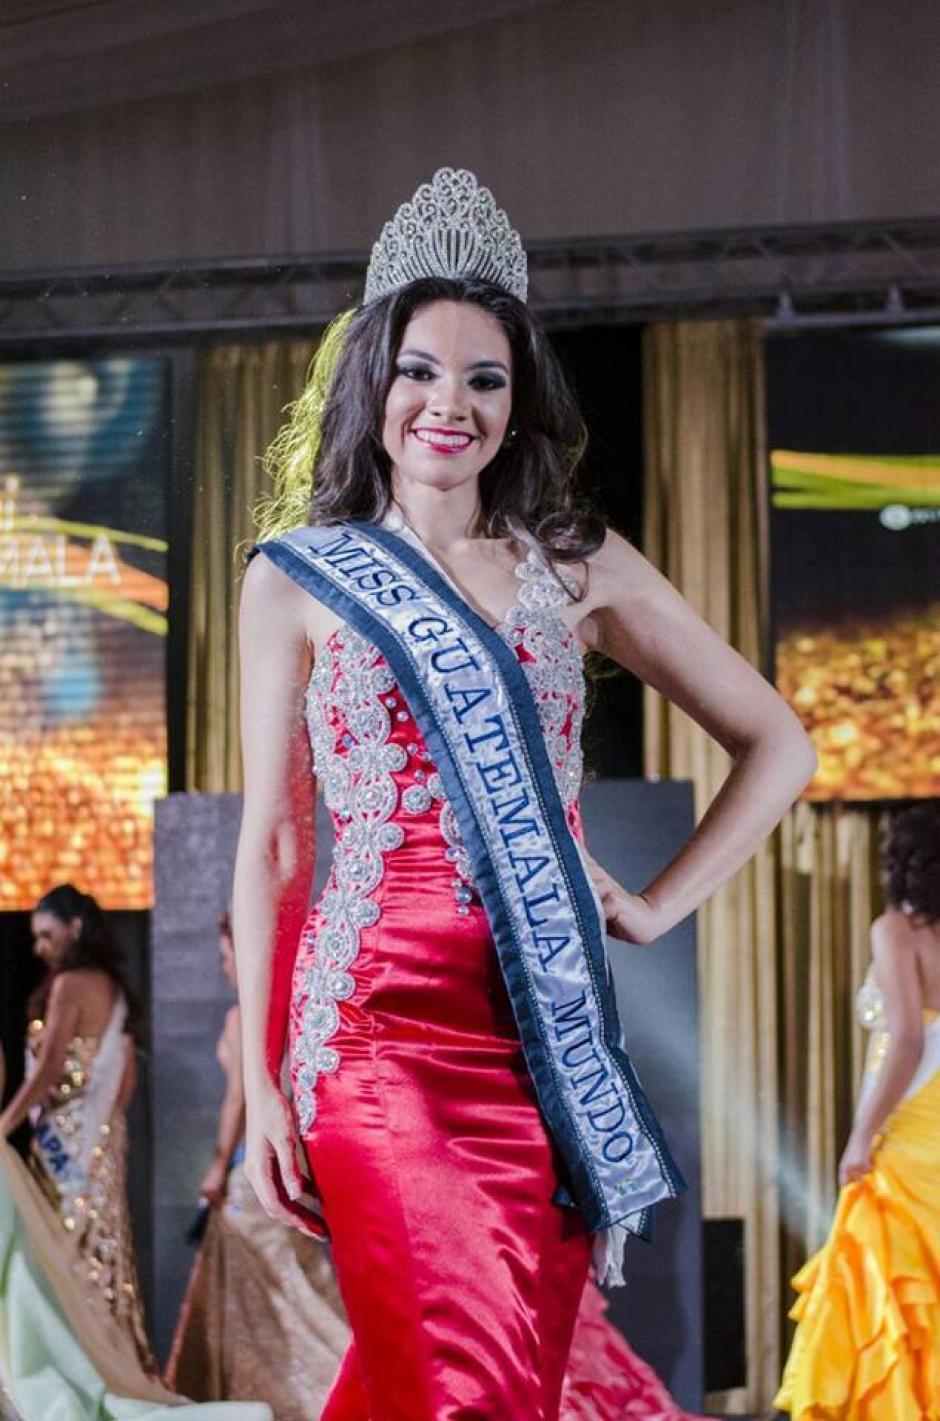 Espina fue seleccionada entre muchas jovencitas. (Foto: Miss World Guatemala)